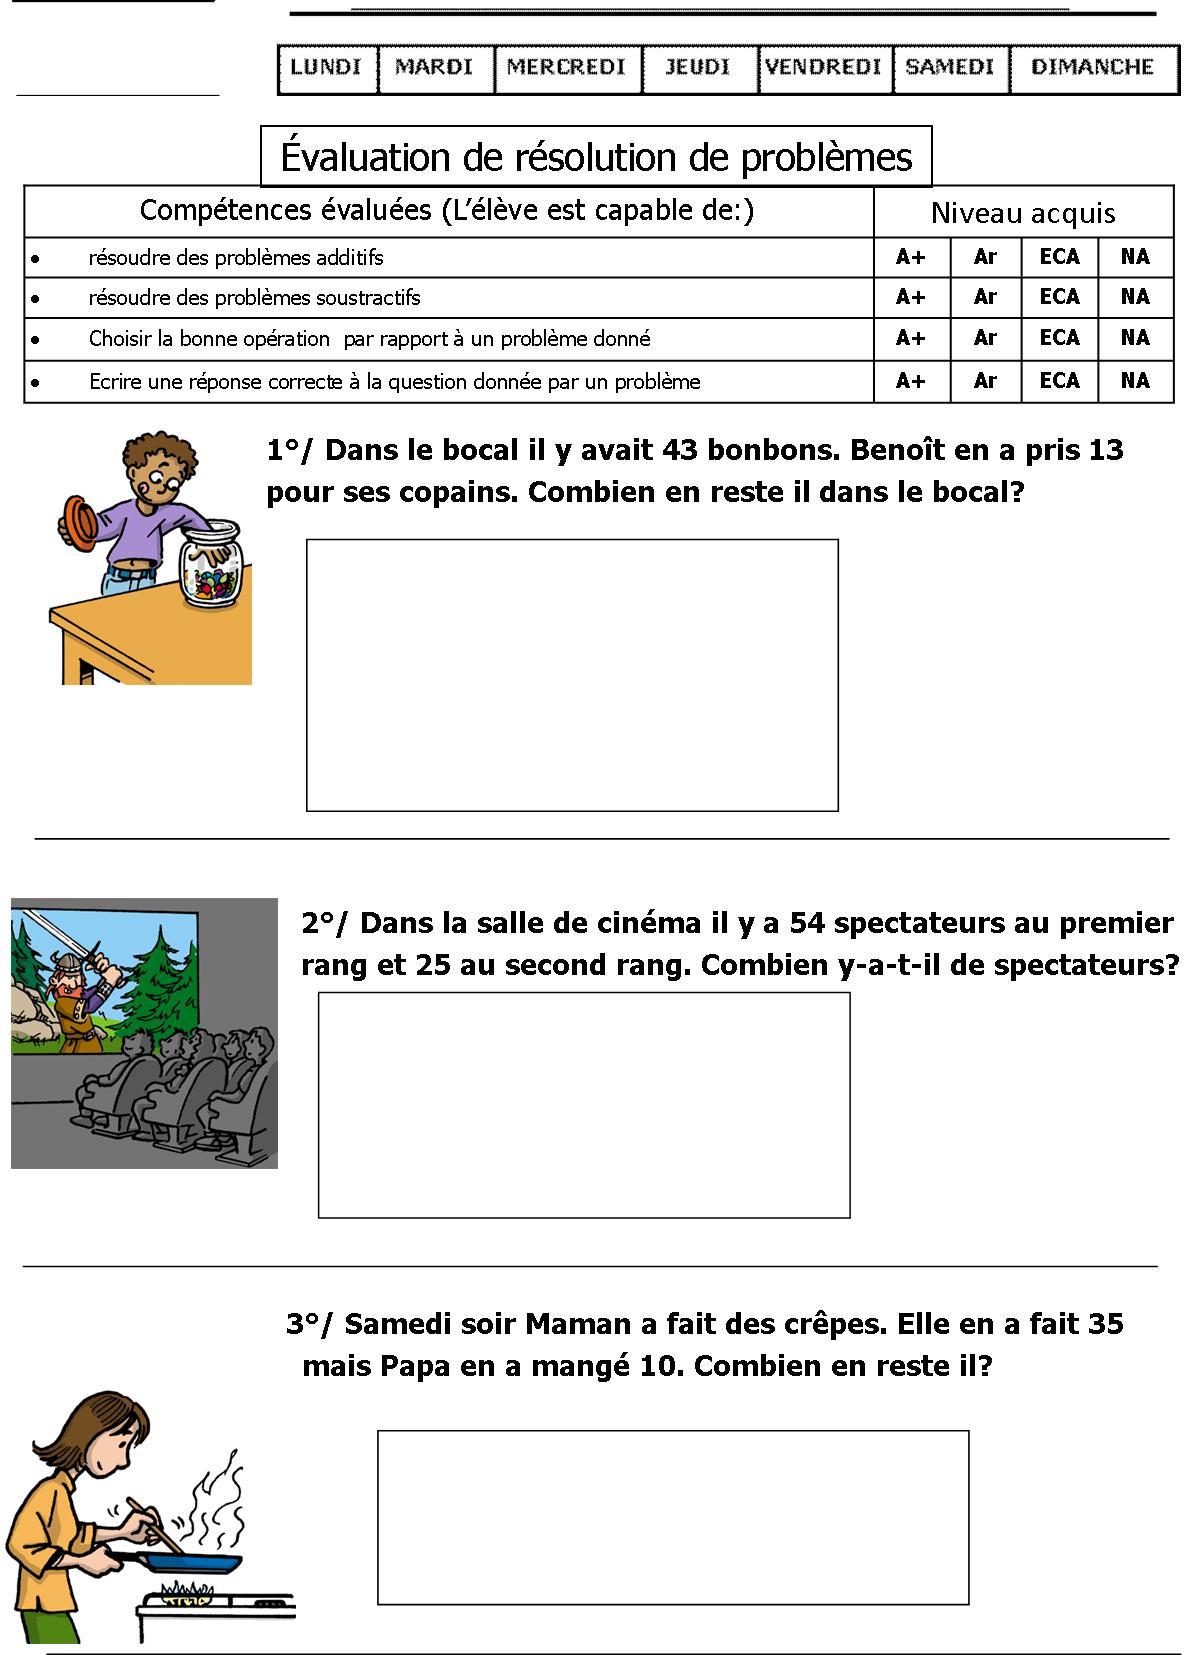 Évaluation Problèmes Ce1 | Le Blog De Monsieur Mathieu à Exercice Problème Ce1